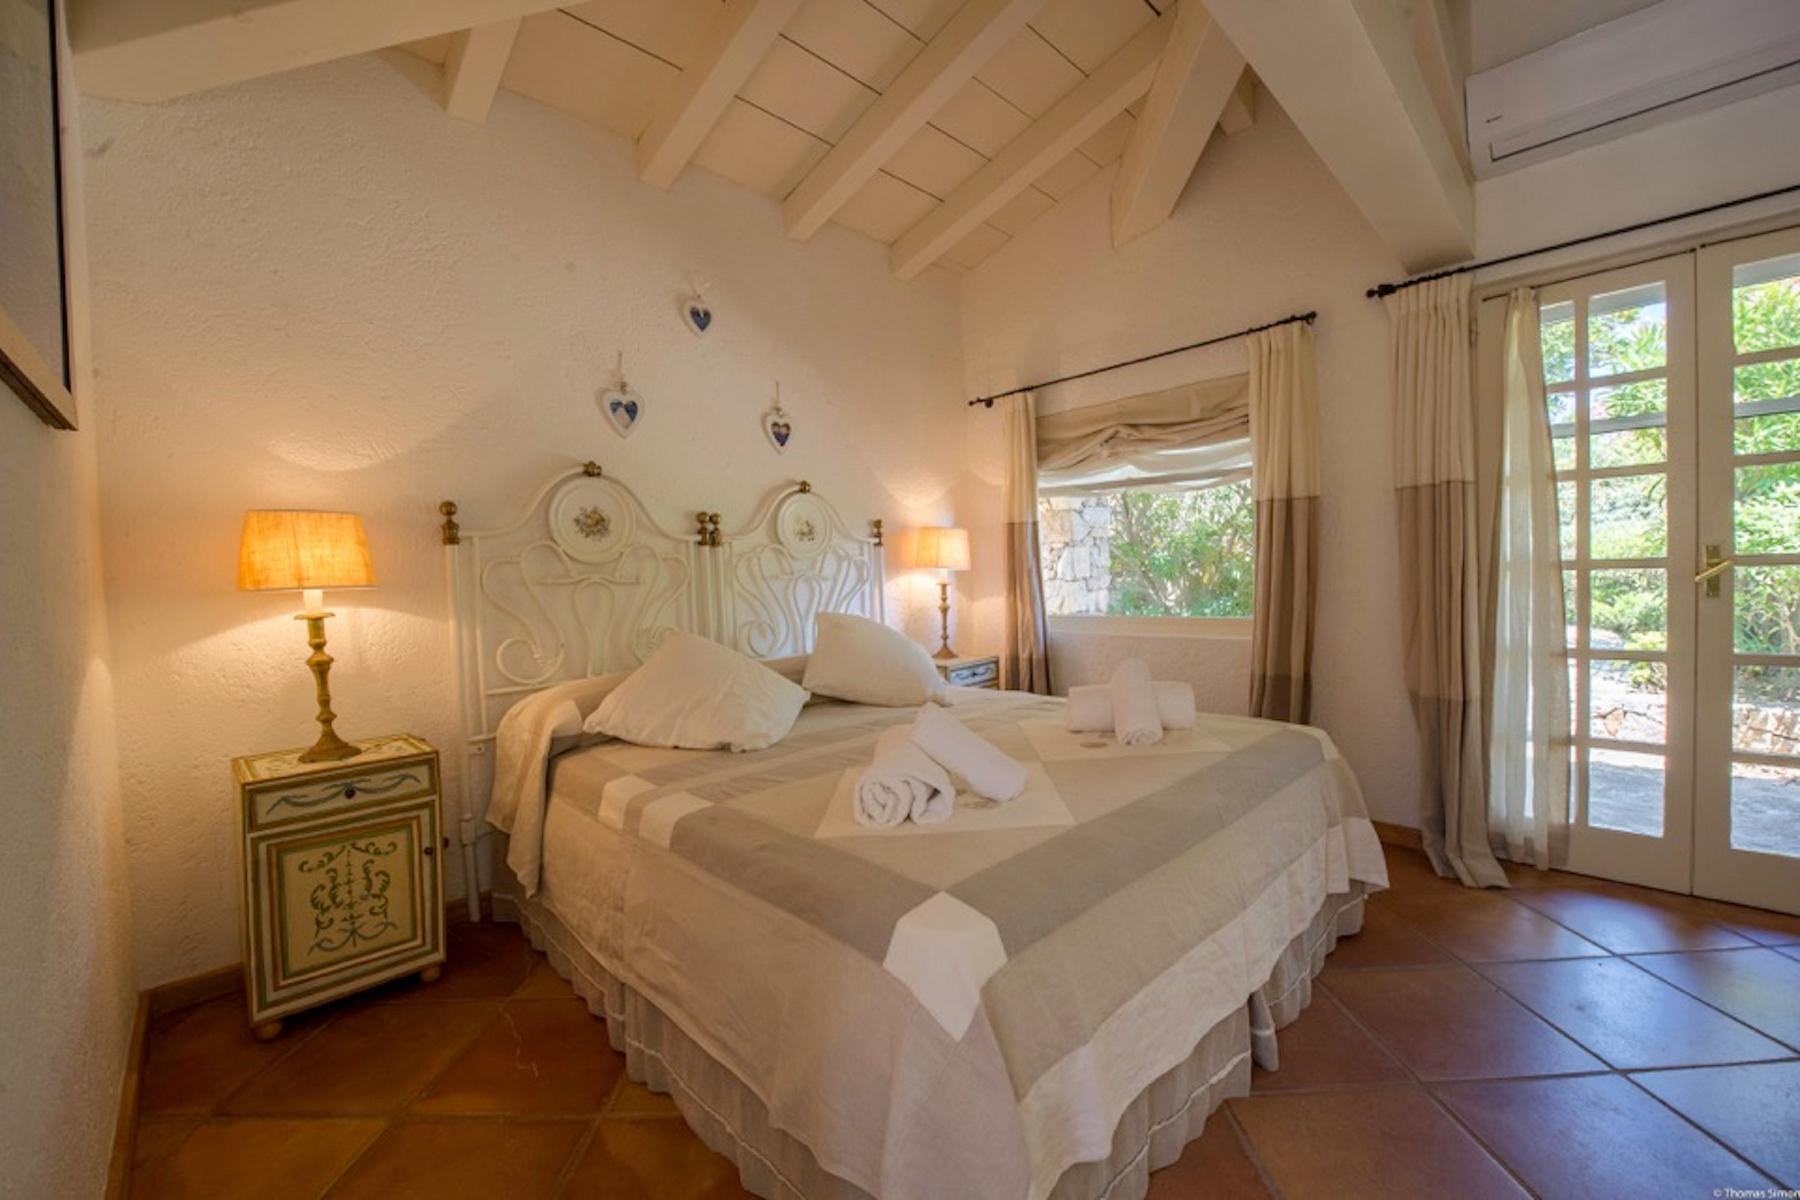 Cavallo Island, Corsica - Secluded villa with breathtaking seaview - 9